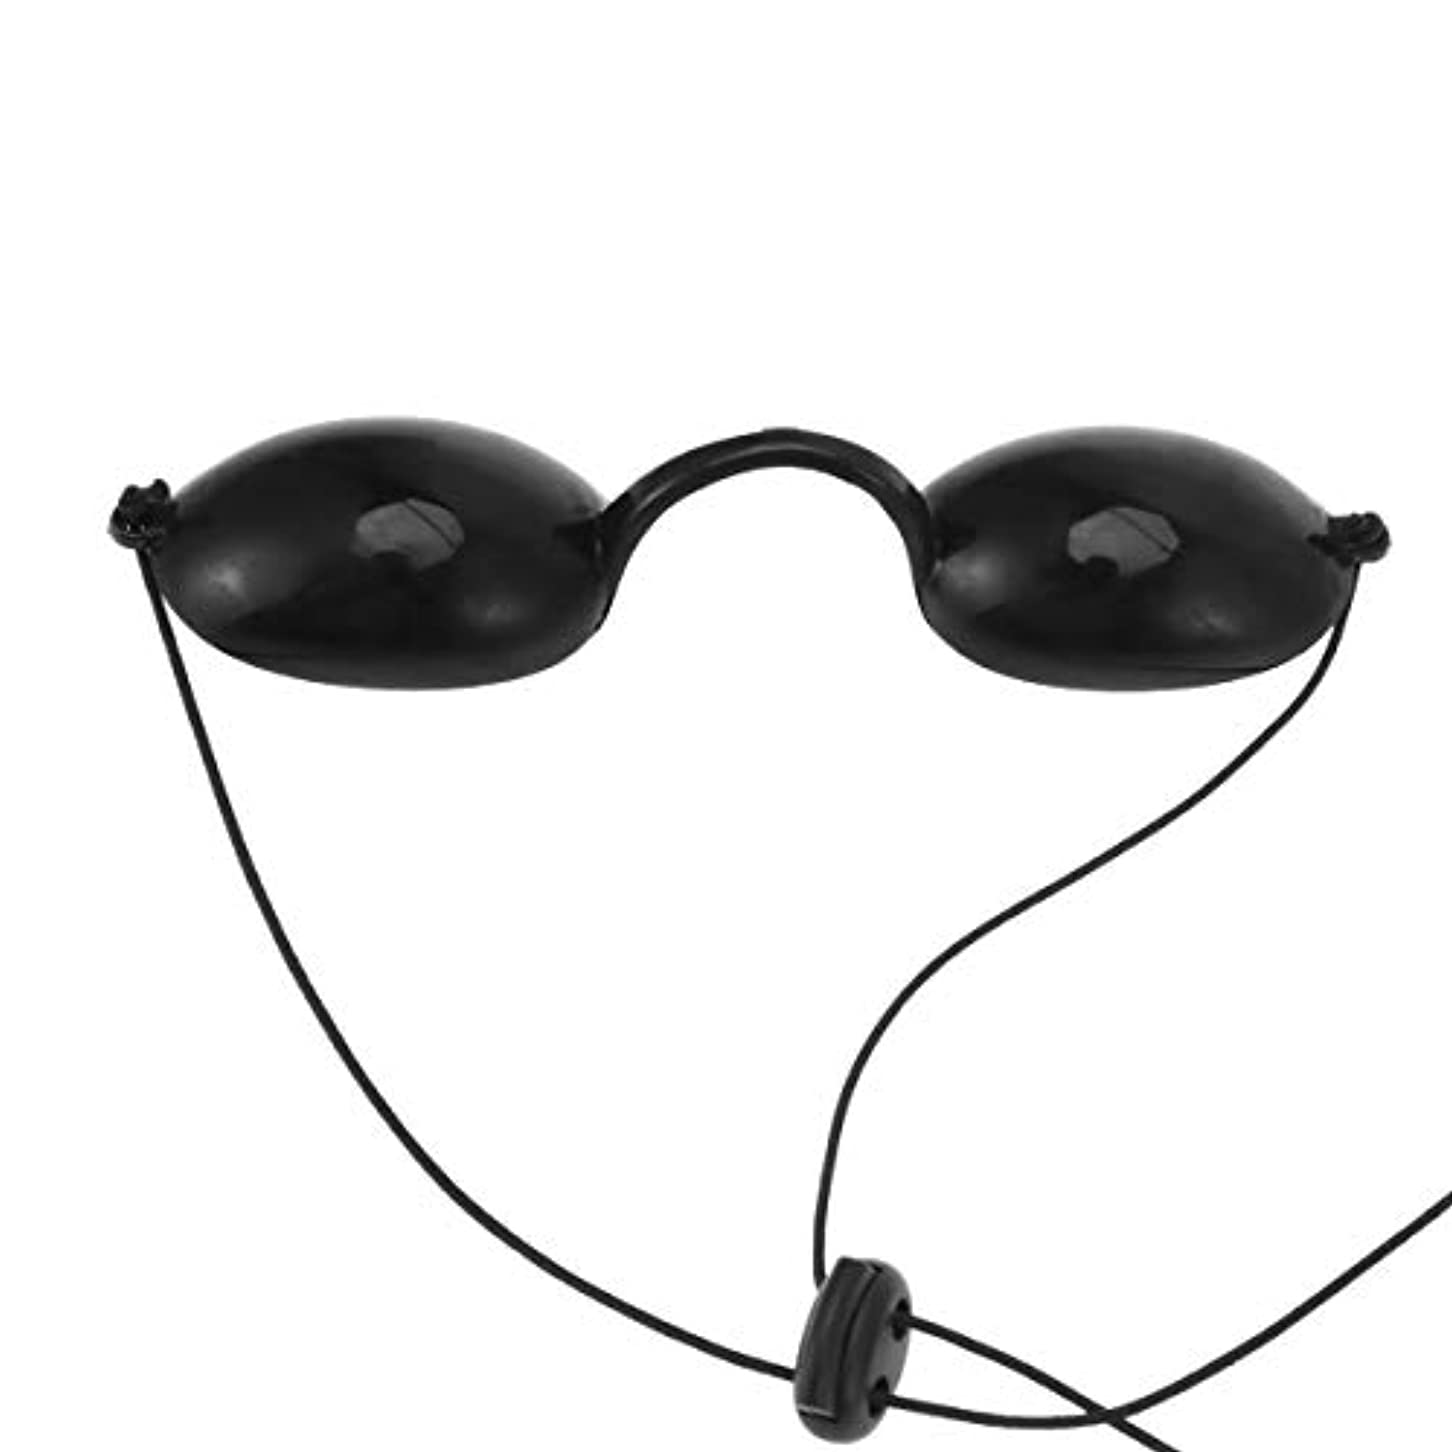 漫画割合貫通Healifty 眼用保護具日焼け止めゴーグル不透明保護メガネアイシールドスペシャル(目黒)